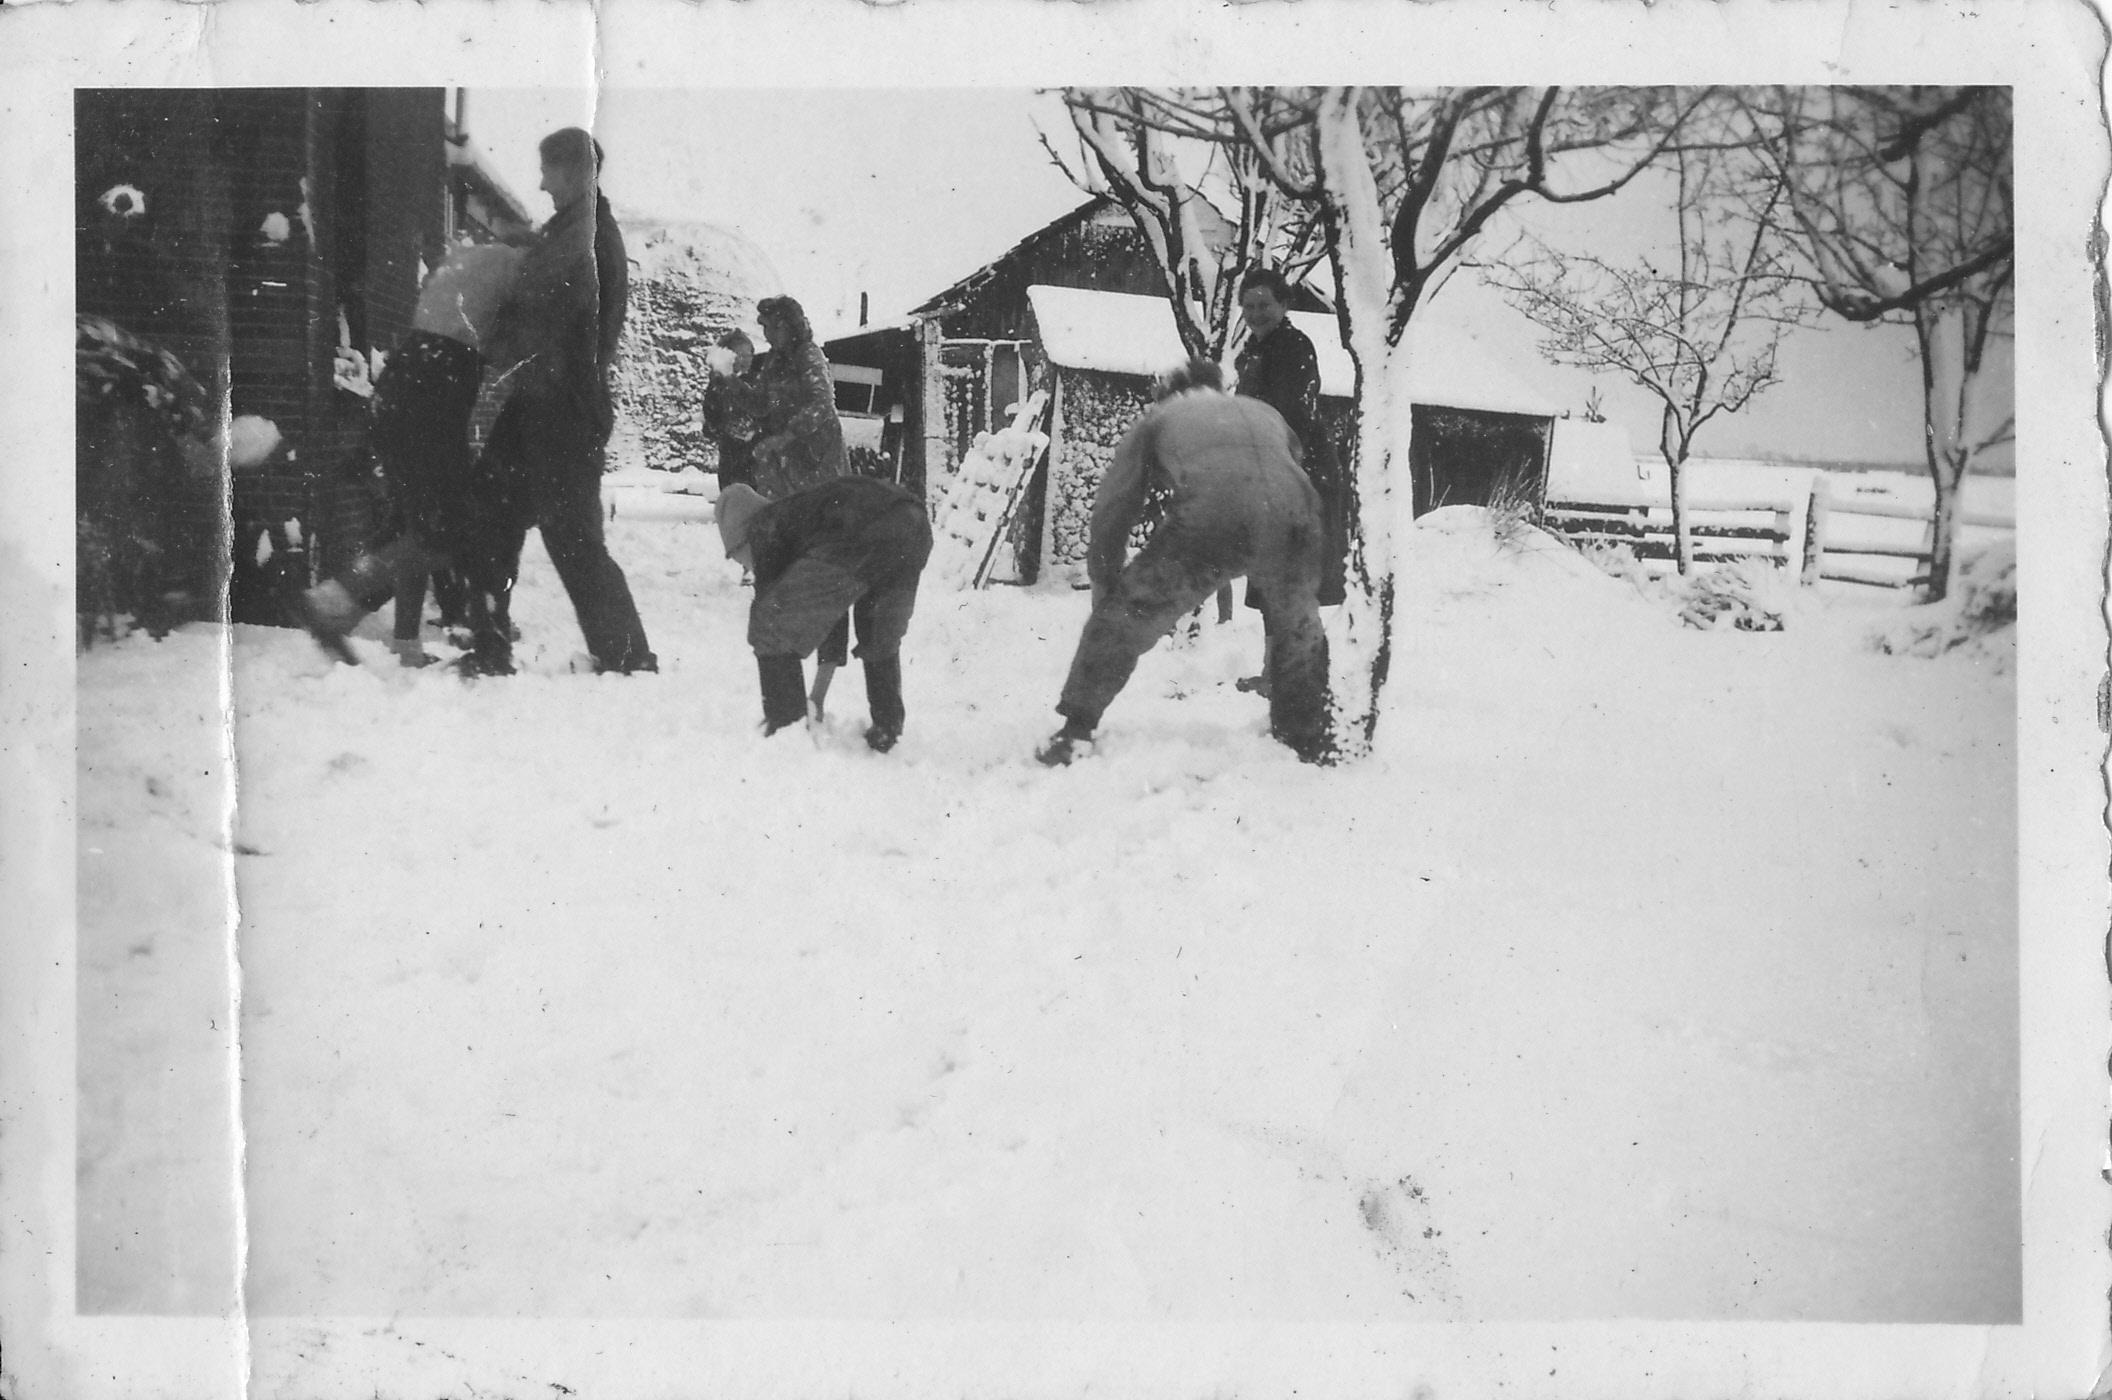 Oorlogsherinneringen: onzekerheid aan het thuisfront, het verhaal van Luc Boon